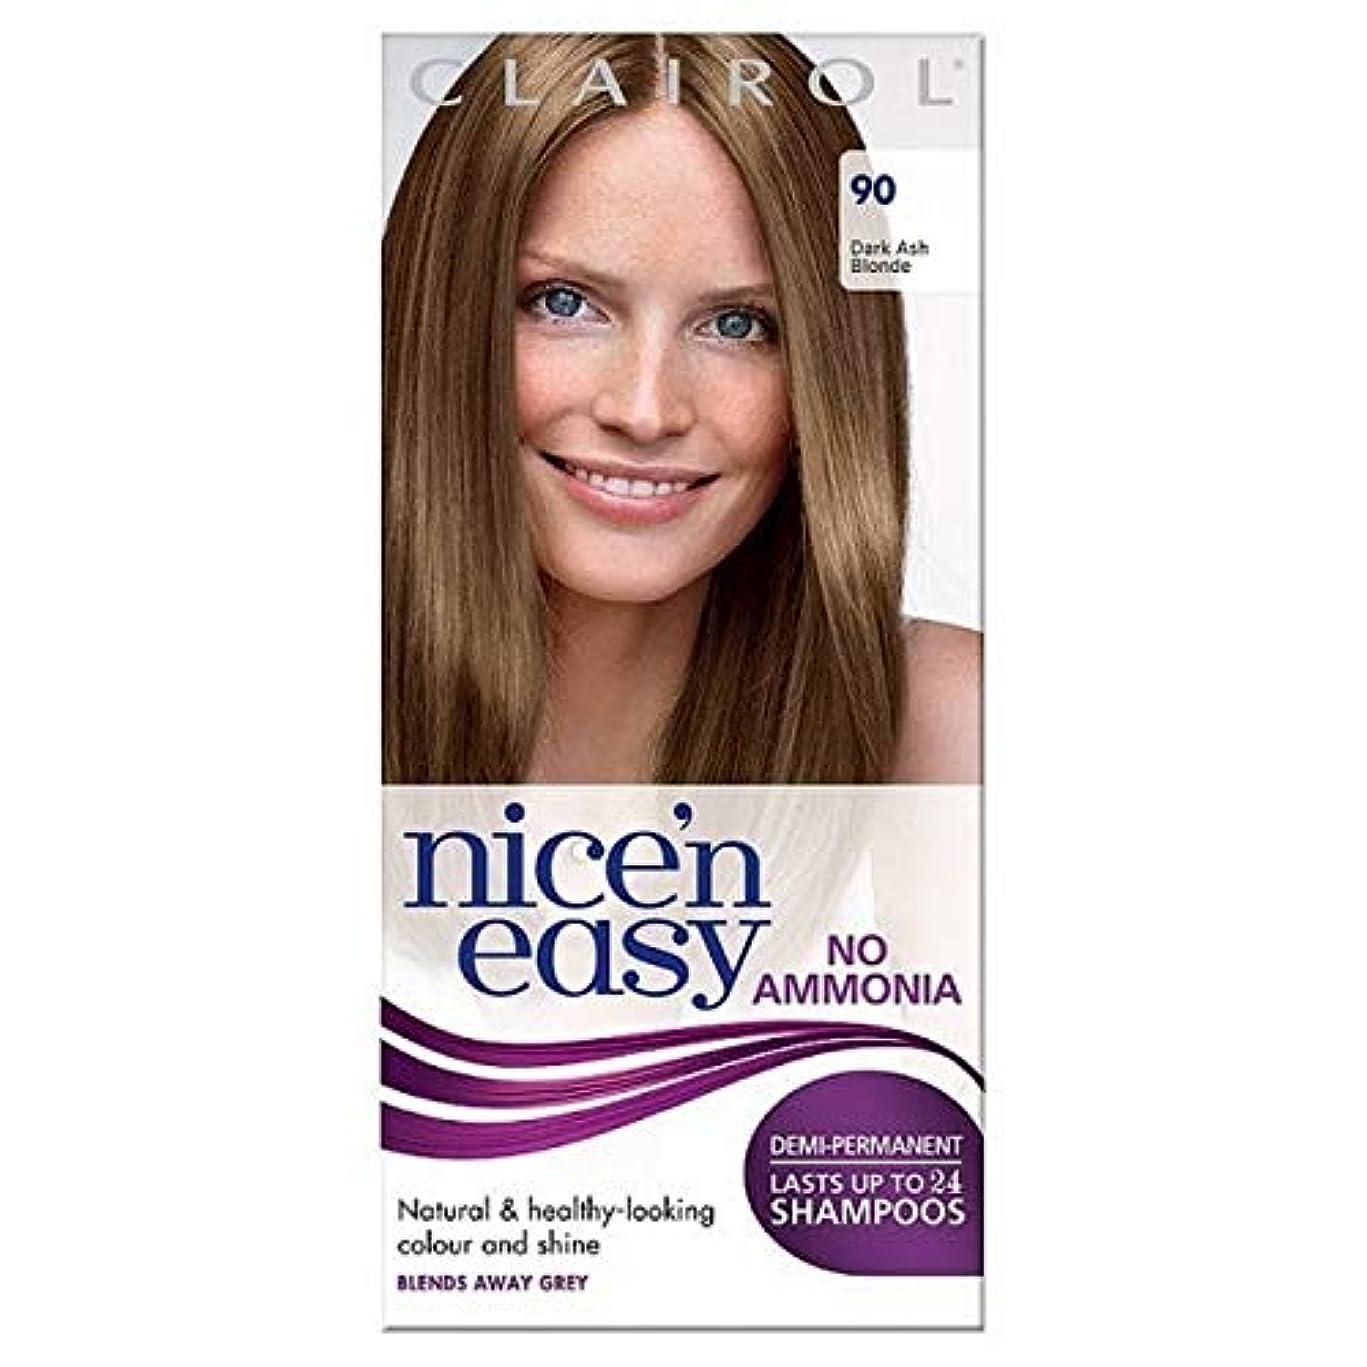 熟練した硫黄国歌[Nice'n Easy] Nice'N簡単に無アンモニア毛染め暗い灰ブロンド90 - Nice'n Easy No Ammonia Hair Dye Dark Ash Blonde 90 [並行輸入品]